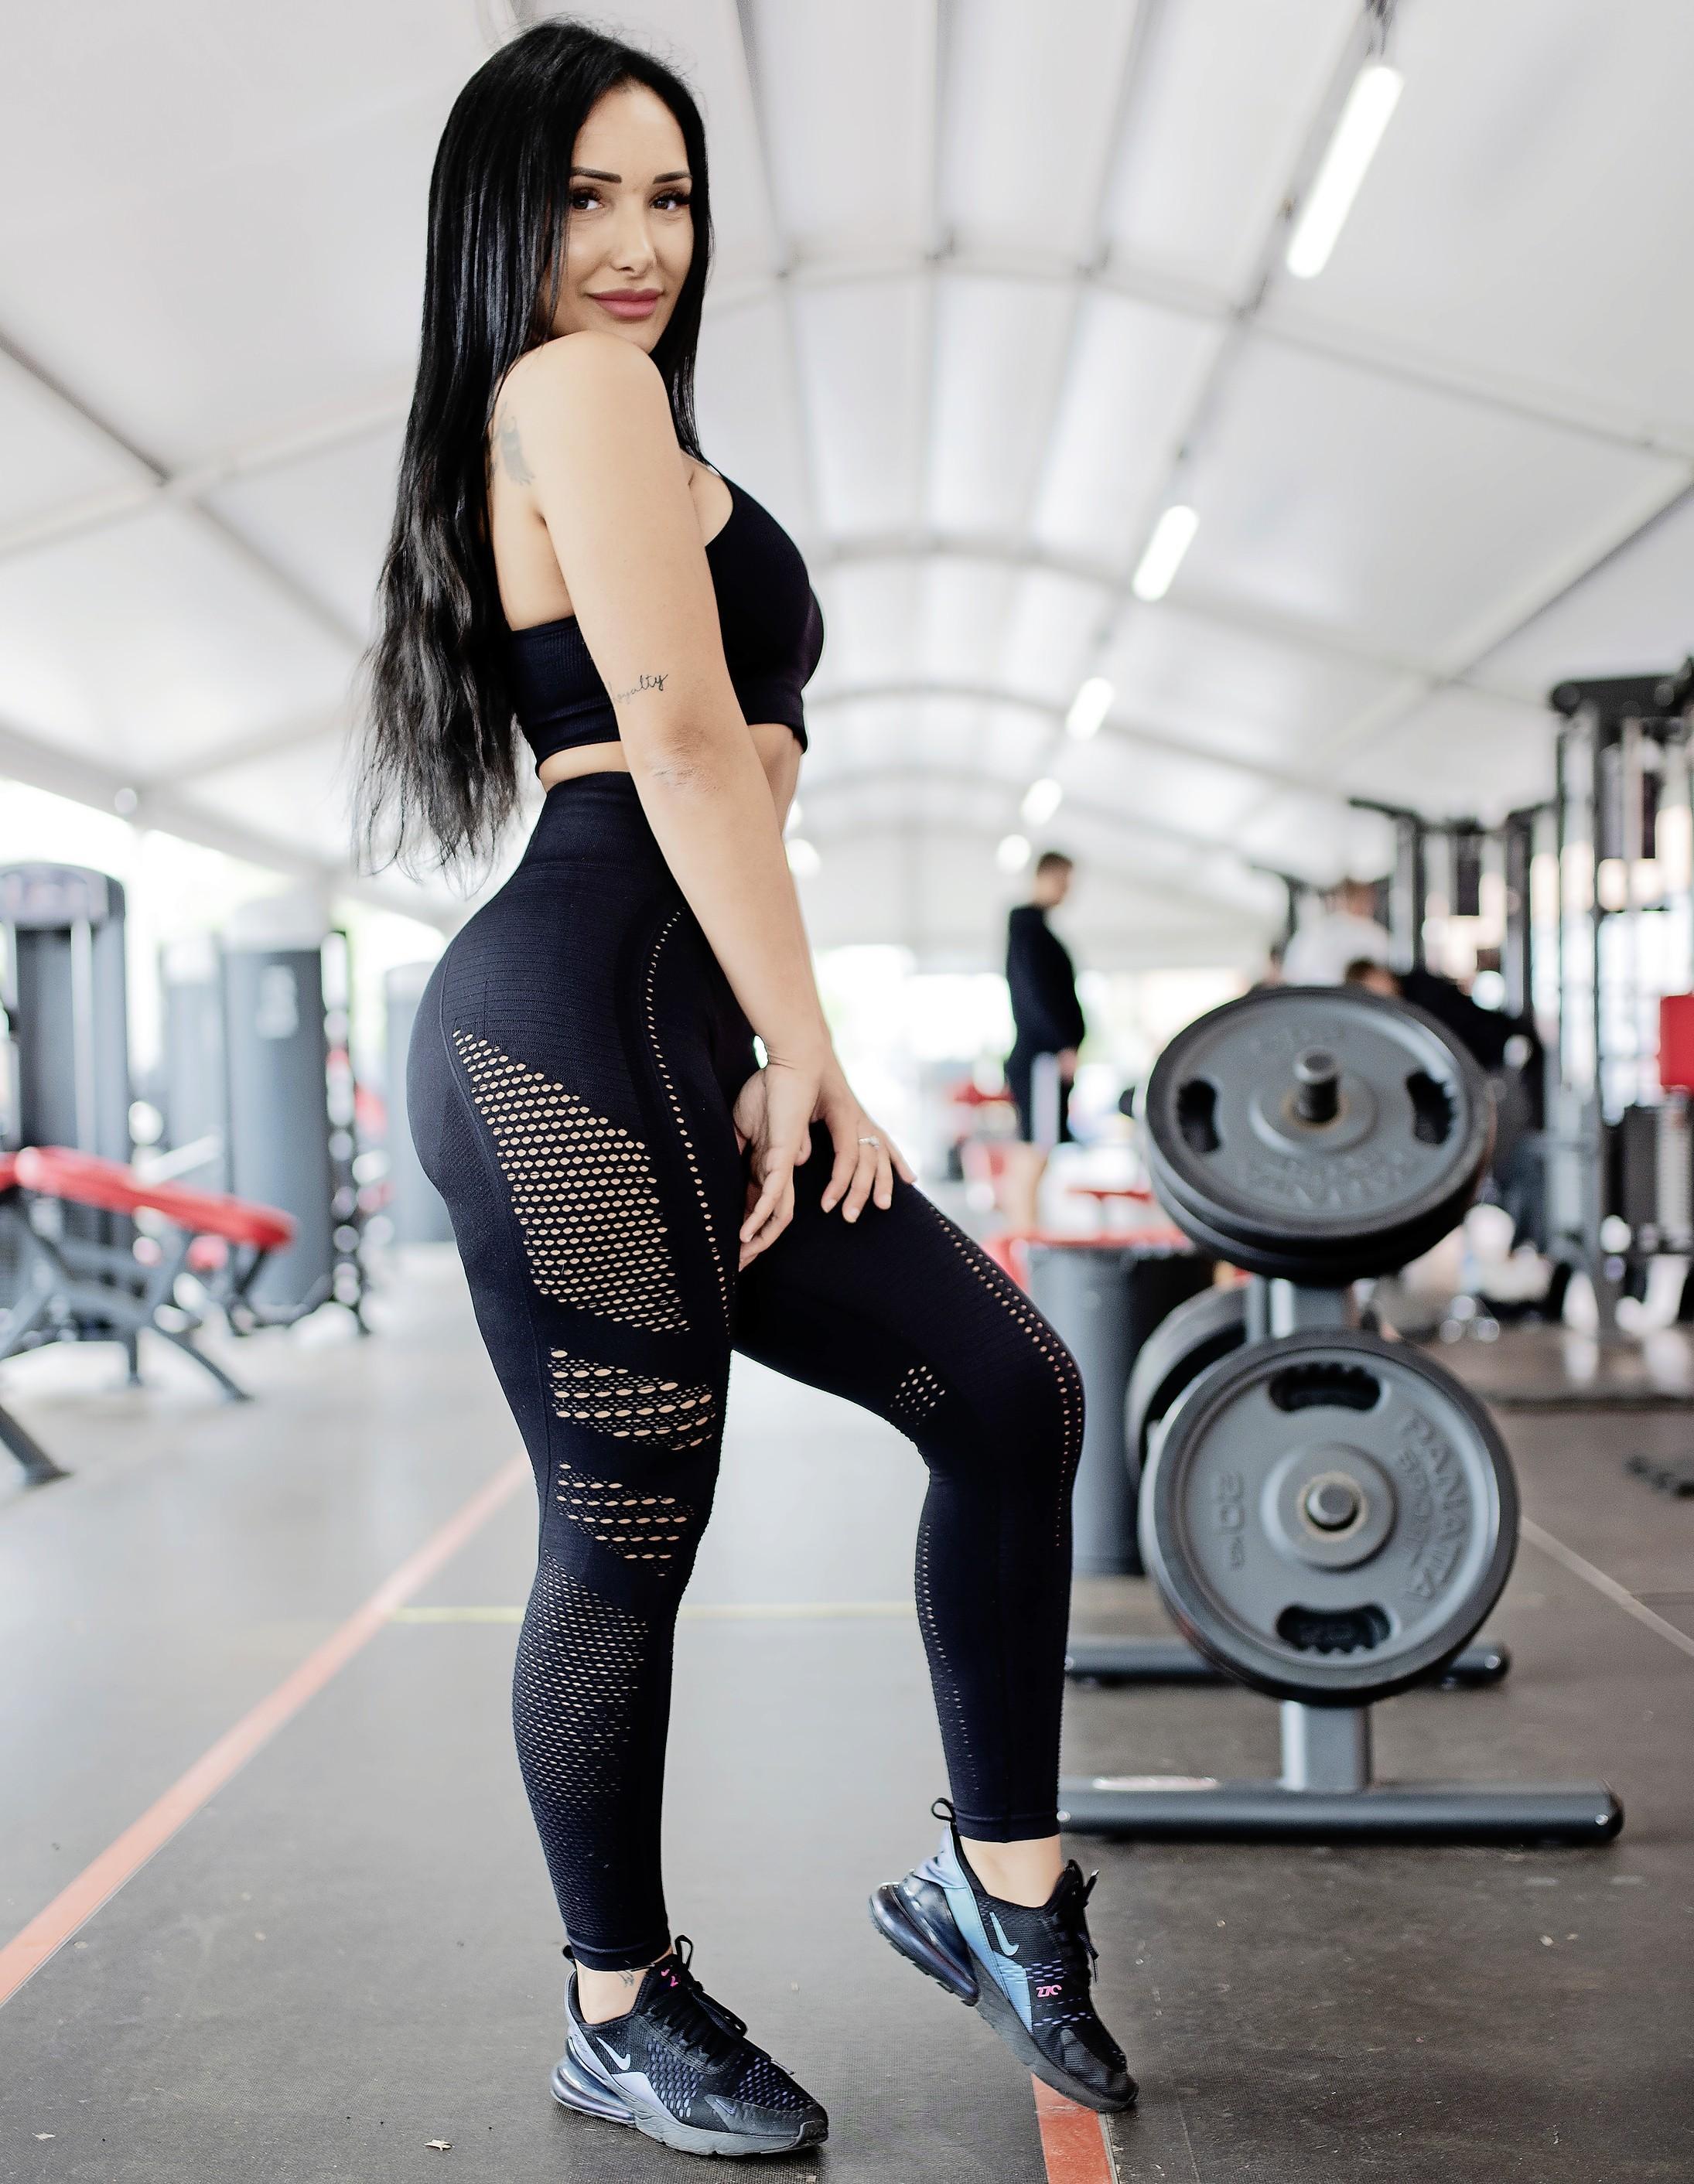 'Ik stootte 400 kilo met mijn benen'; de sportschool redde Yasmin Aktas, maar kostte de Zaanse bodybuildster ook veel